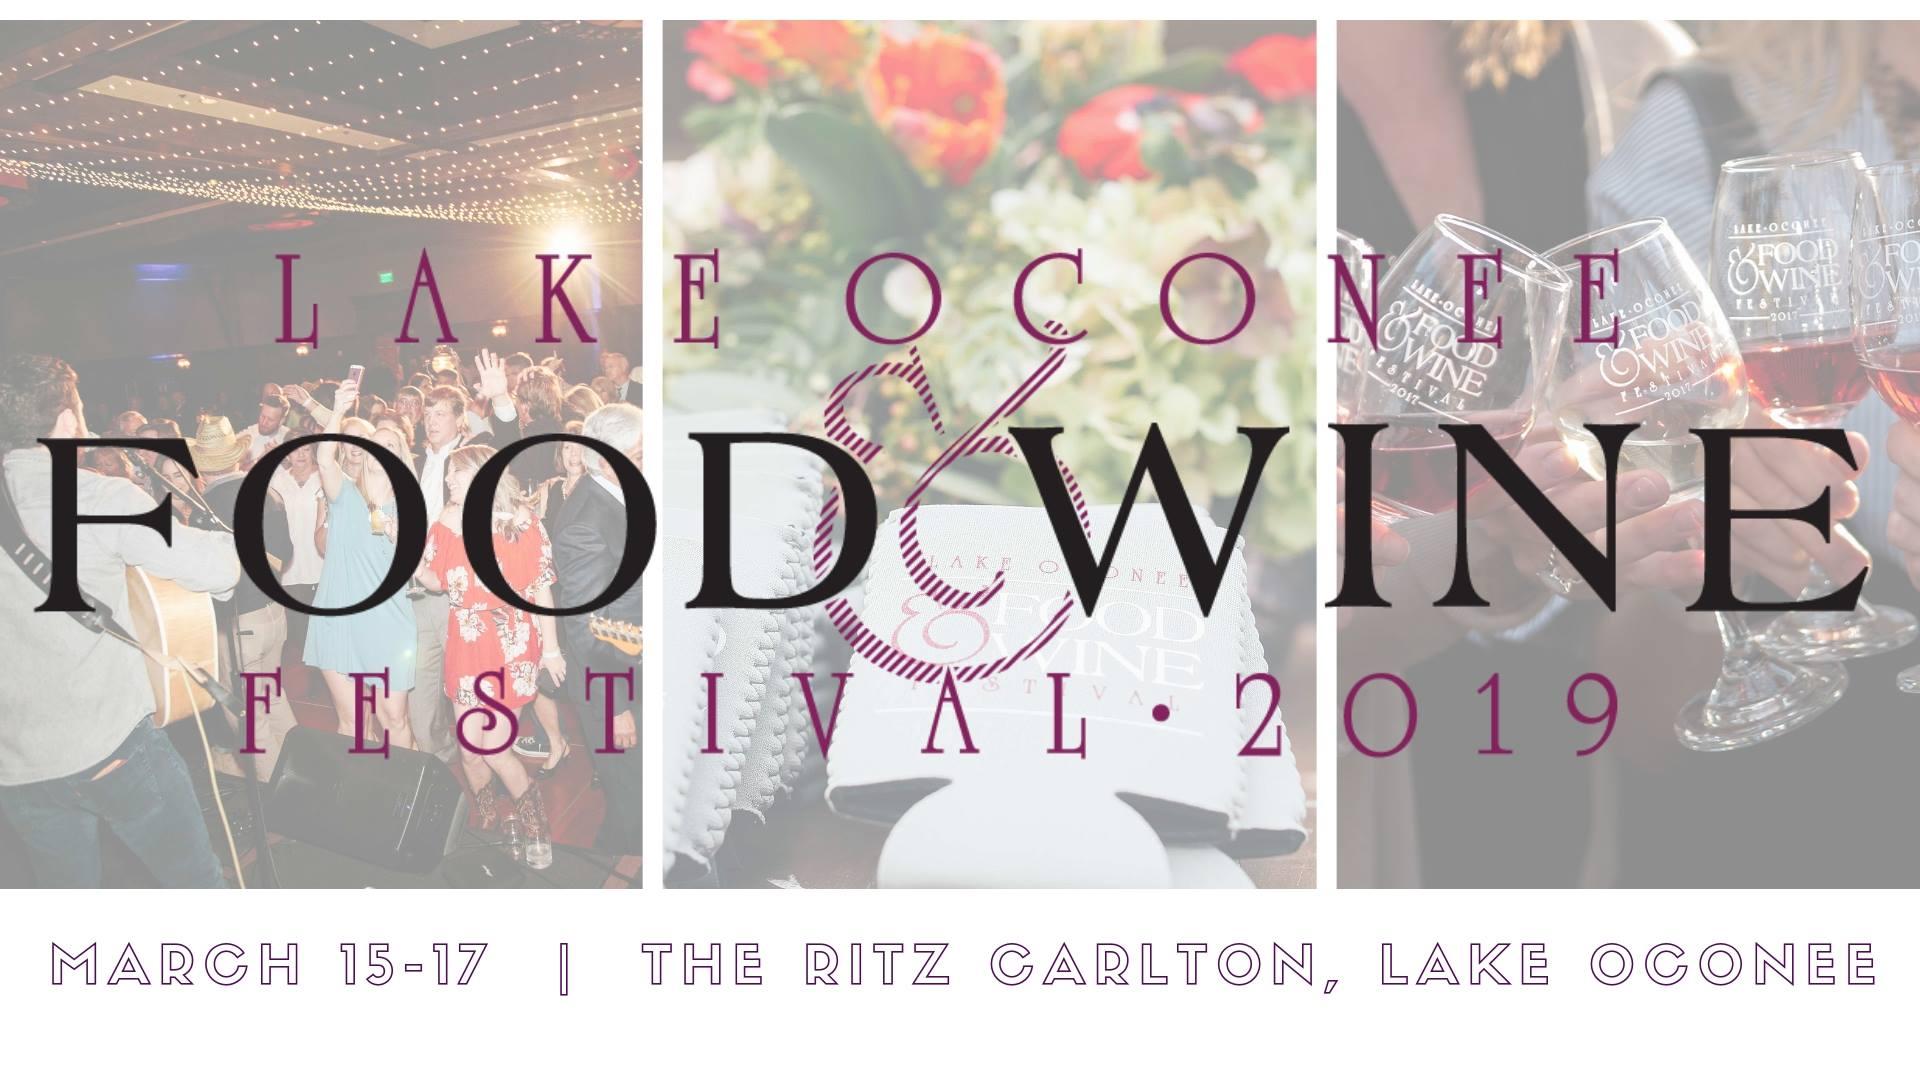 Lake Oconee Food and Wine Festival